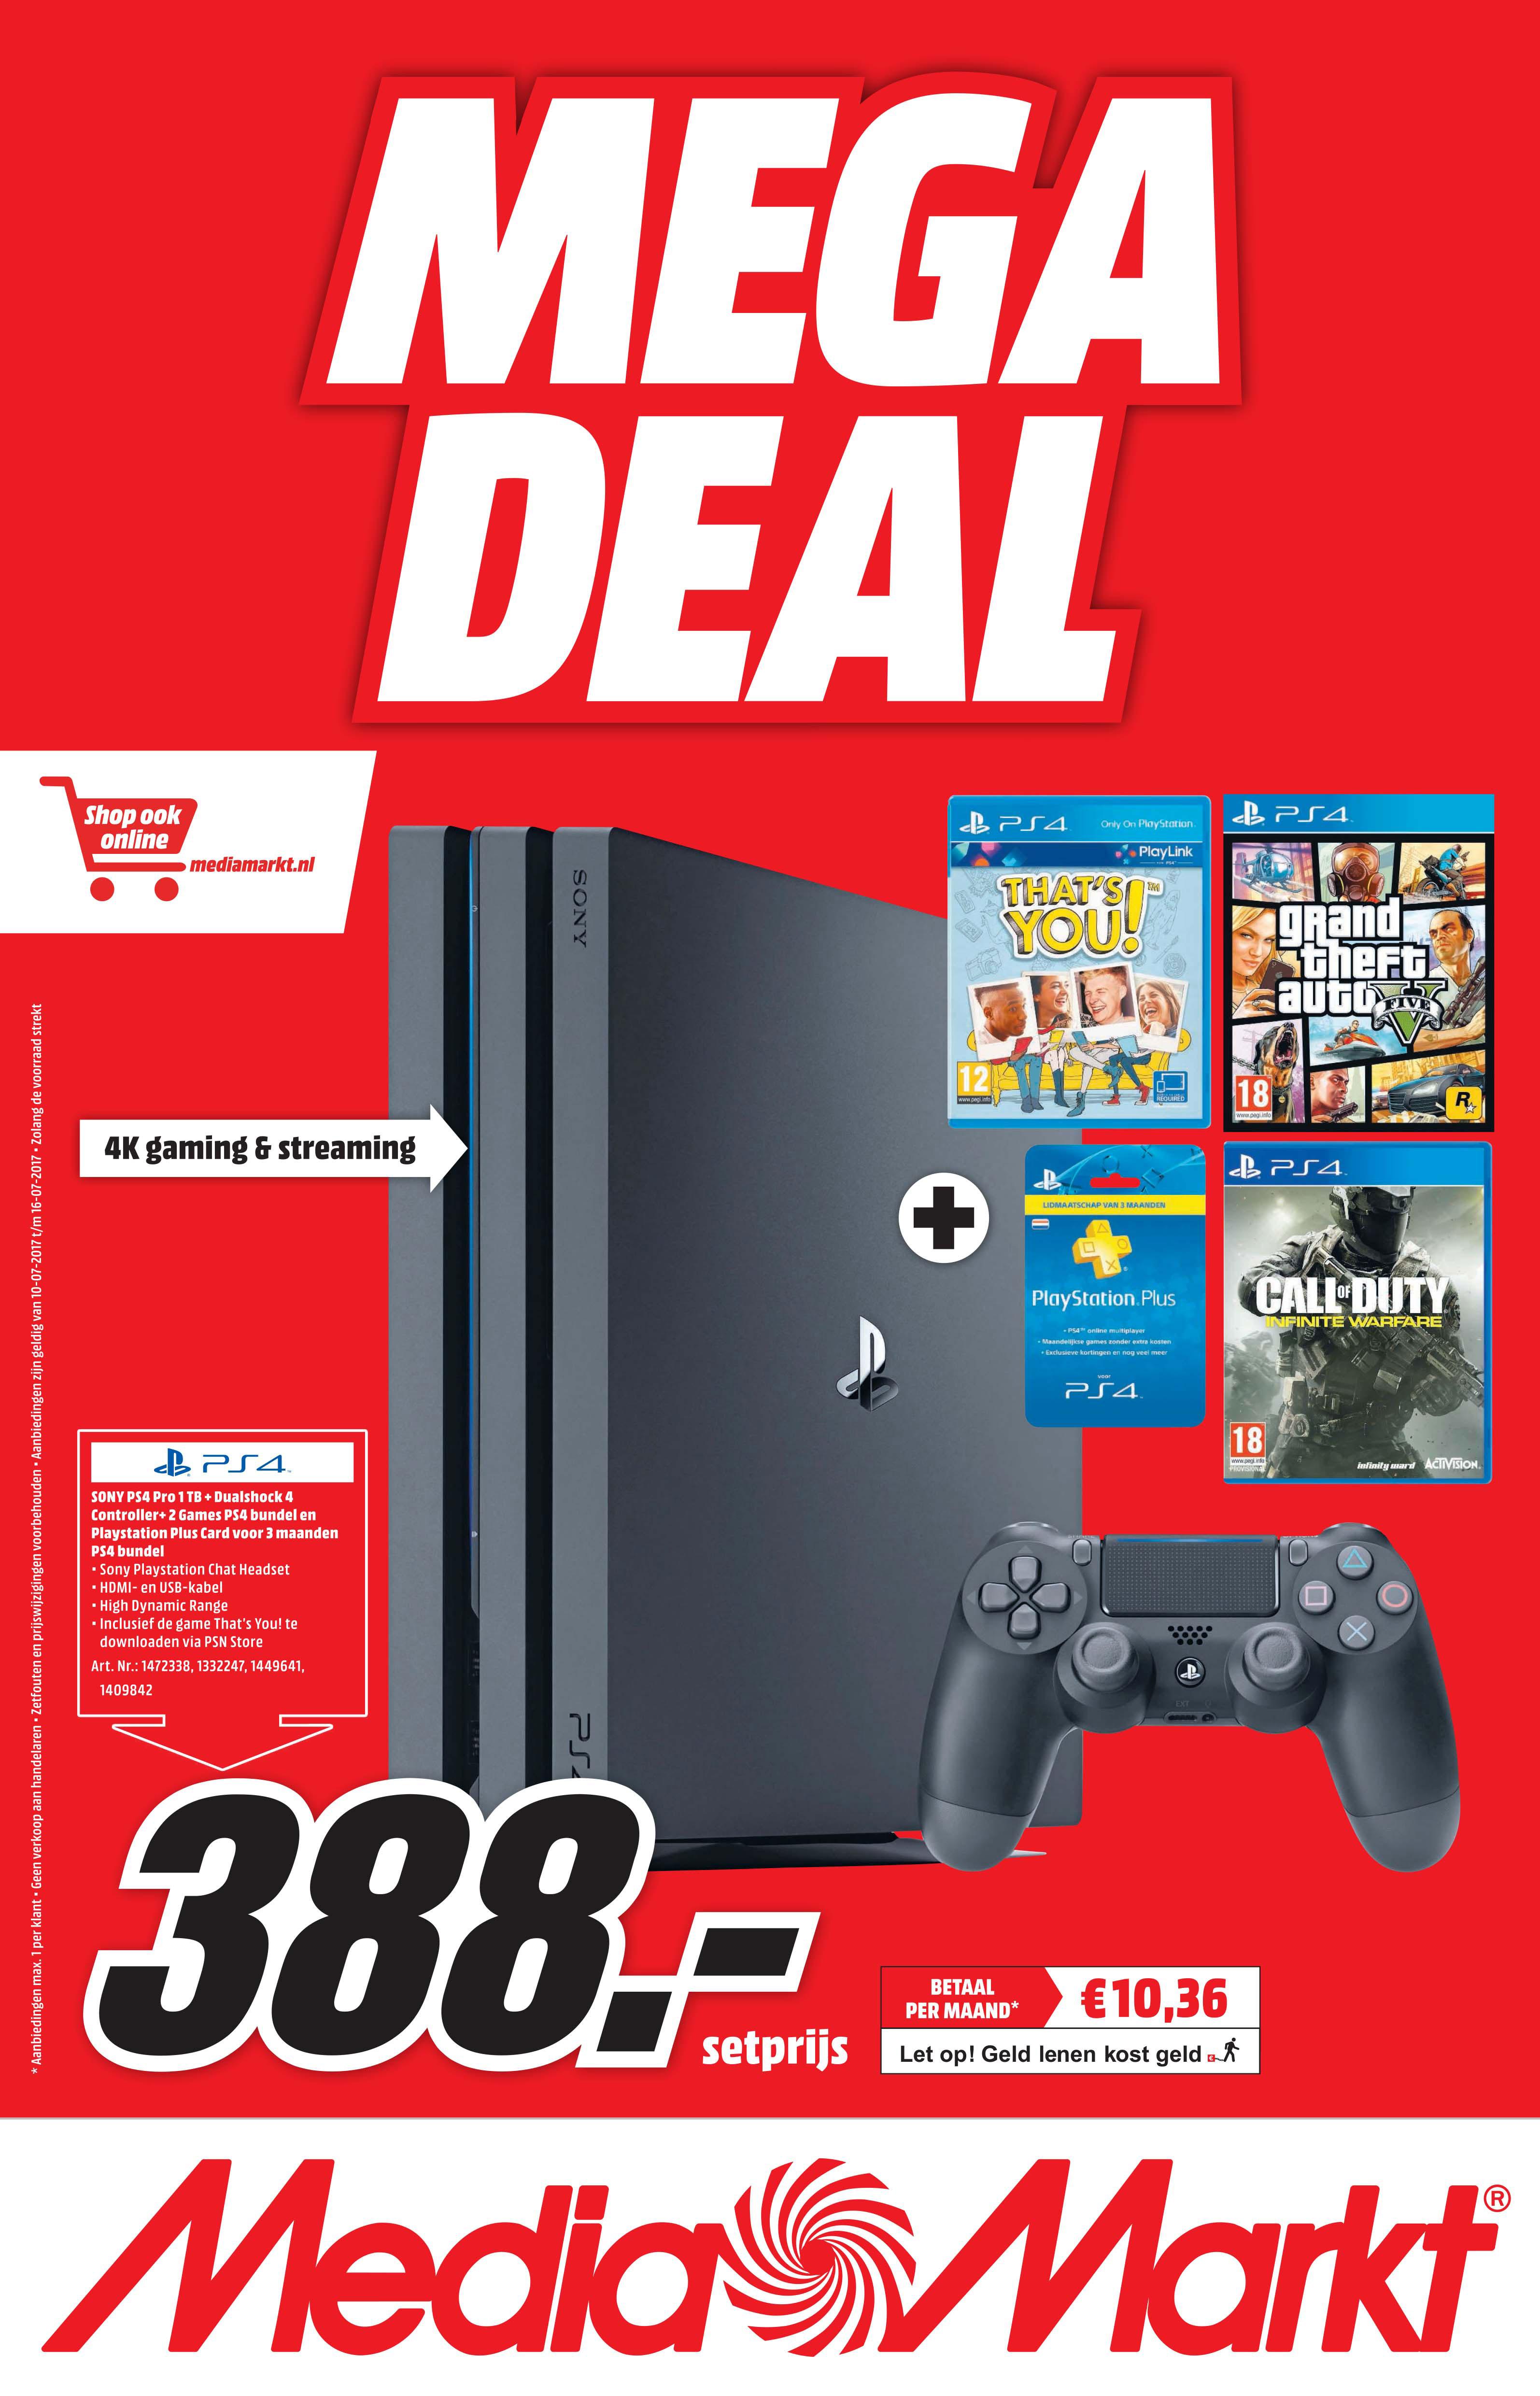 MediaMarkt Sony Ps4 Pro 1TB + Dualshock 4 Controller + 2 Games Ps4 Bundel En Playstation Plus Card Voor 3 Maanden Ps4 Bundel